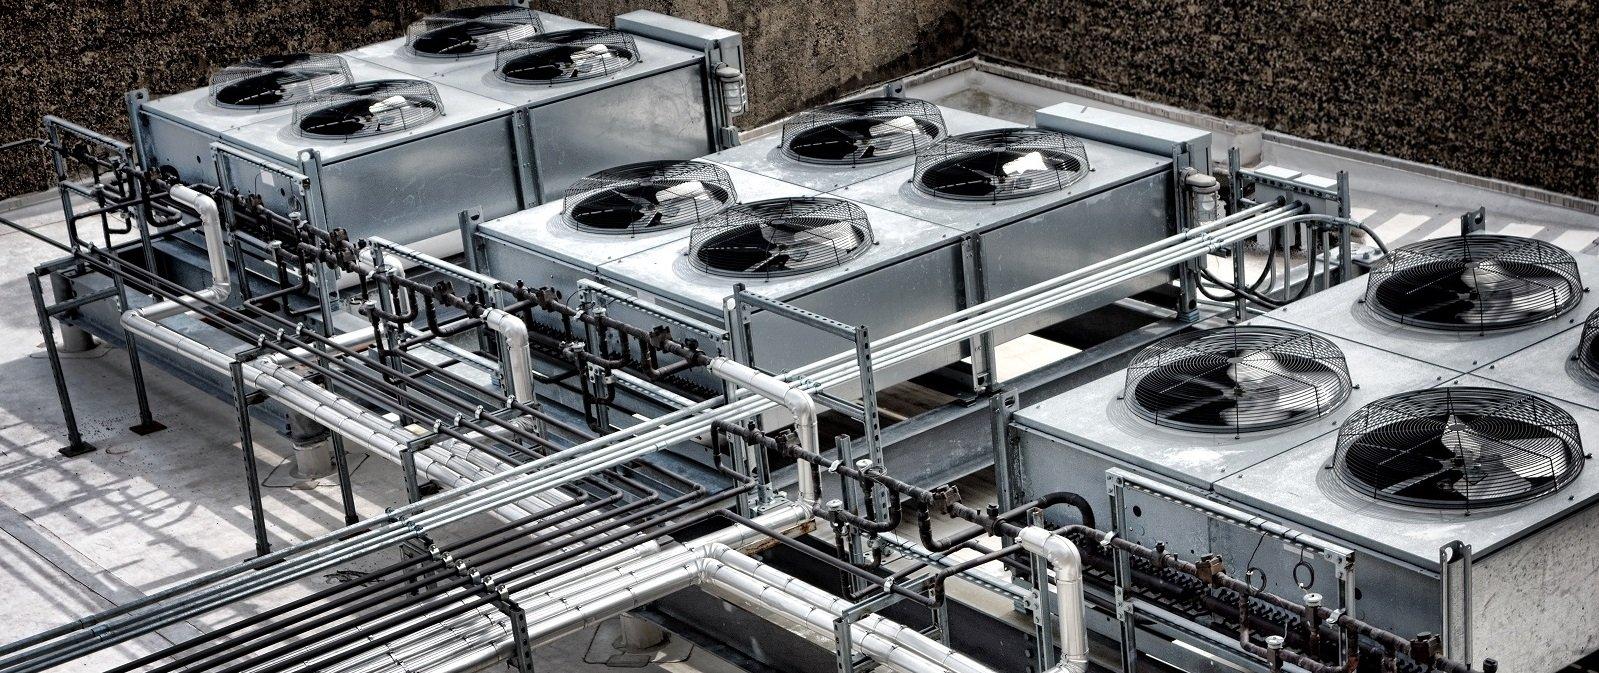 Impianto condizionamento industriale